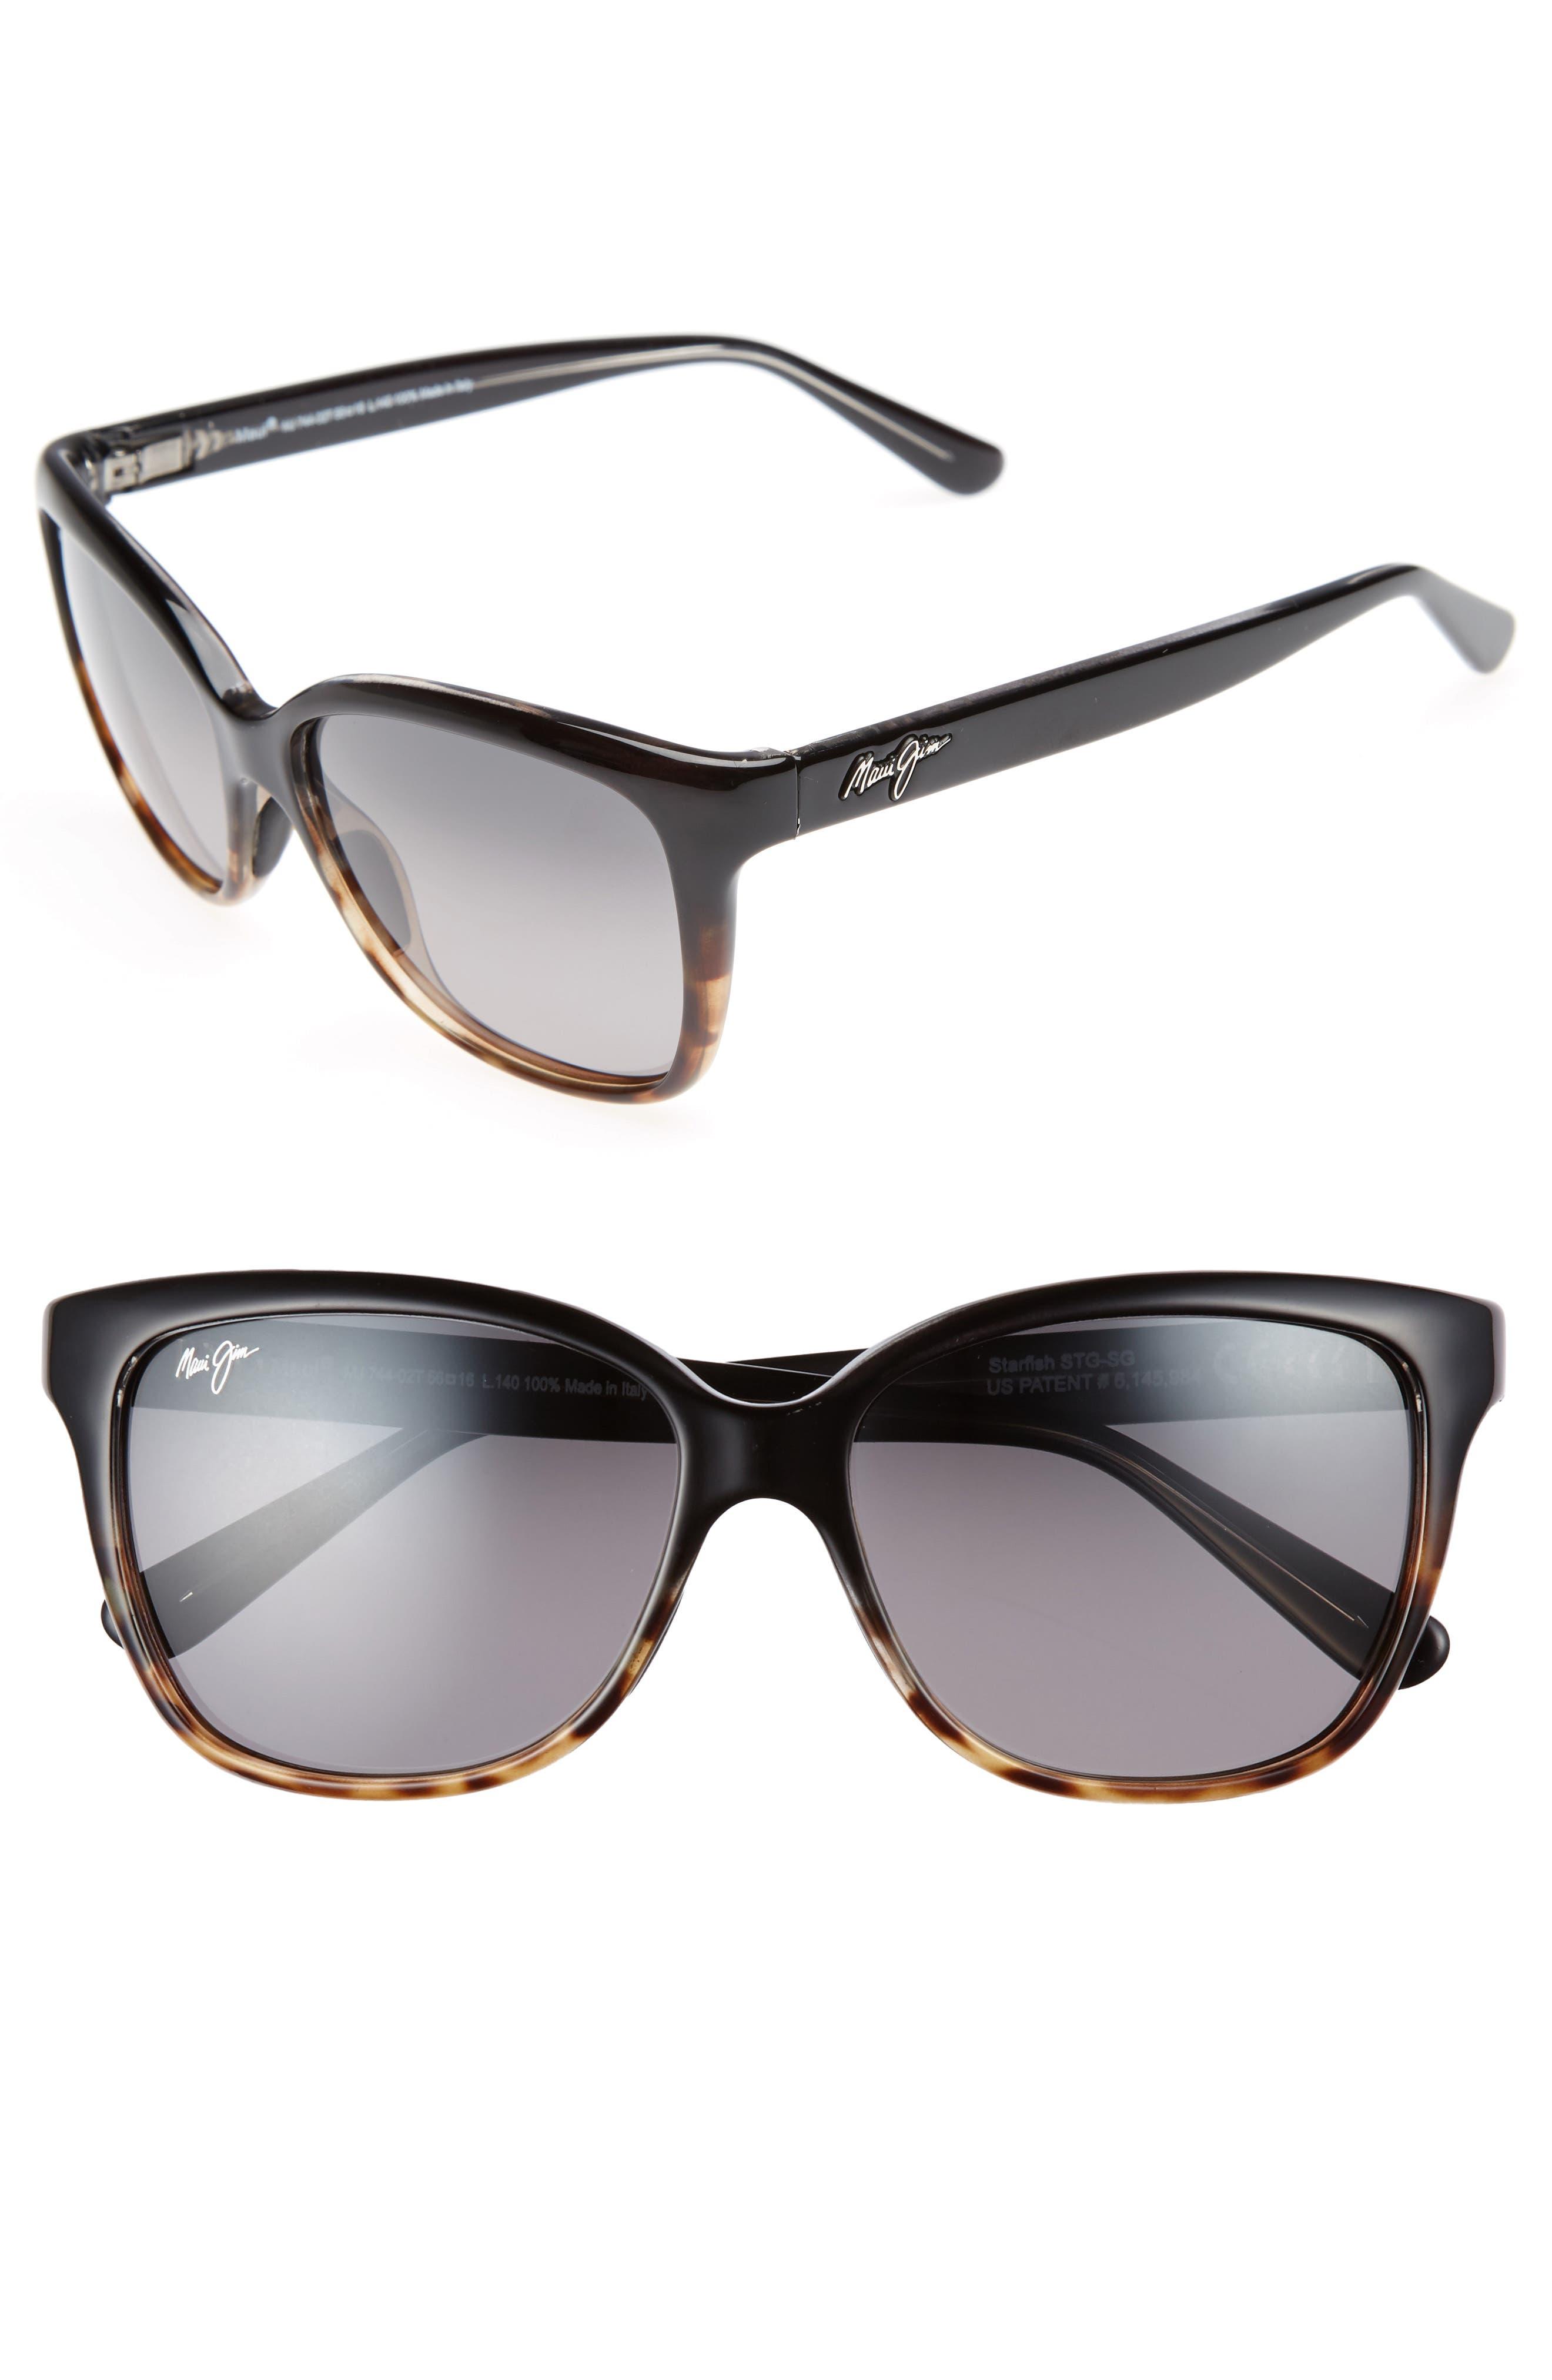 Starfish 56mm Polarized Cat Eye Sunglasses,                             Main thumbnail 1, color,                             Black/ Tortoise